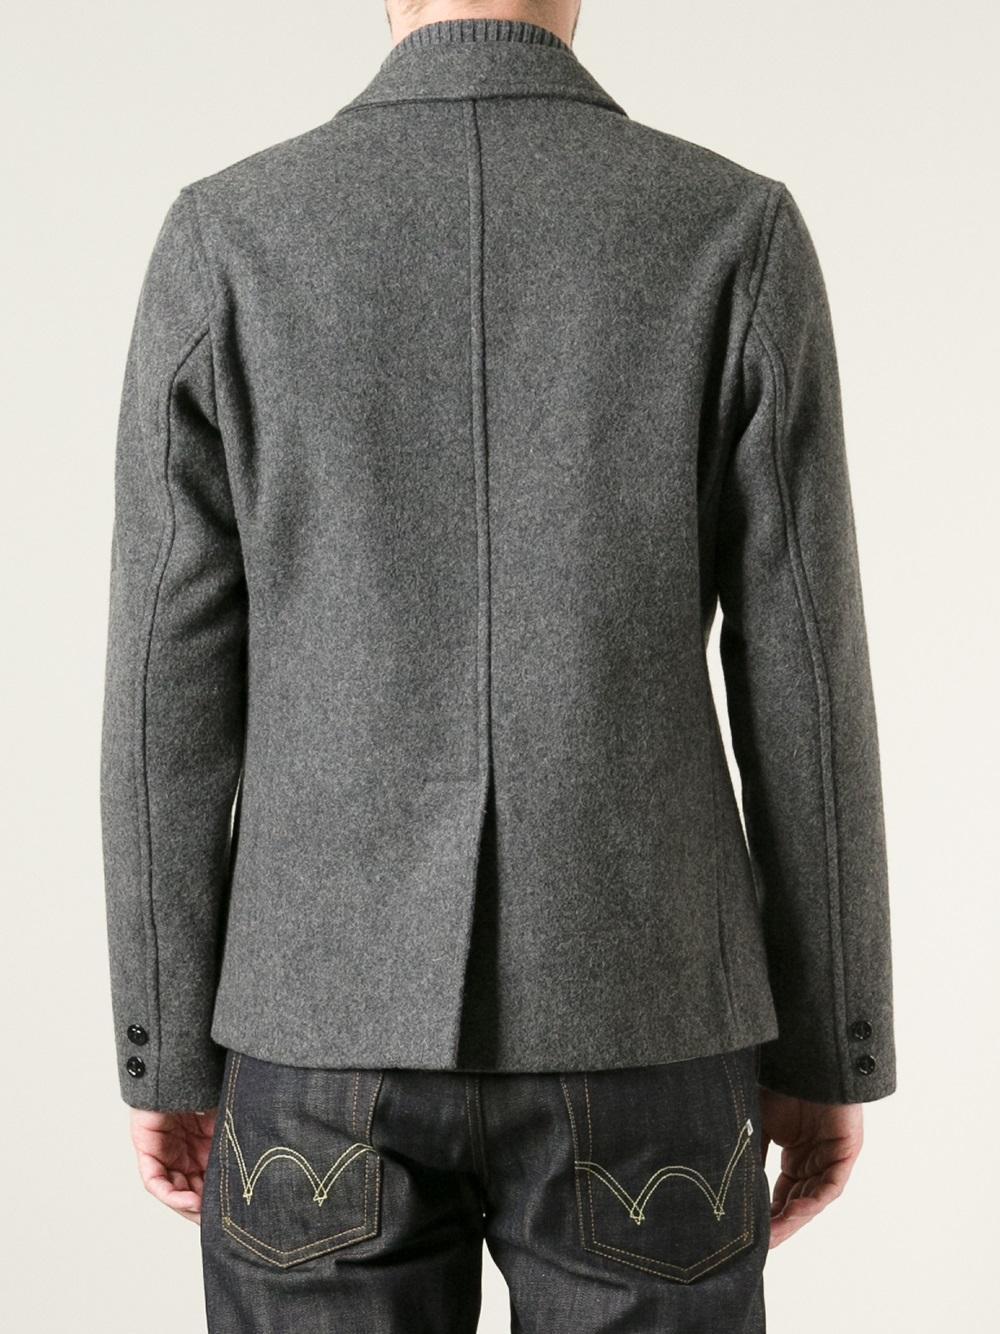 Fidelity 'Yankee' Jacket in Grey (Grey) for Men